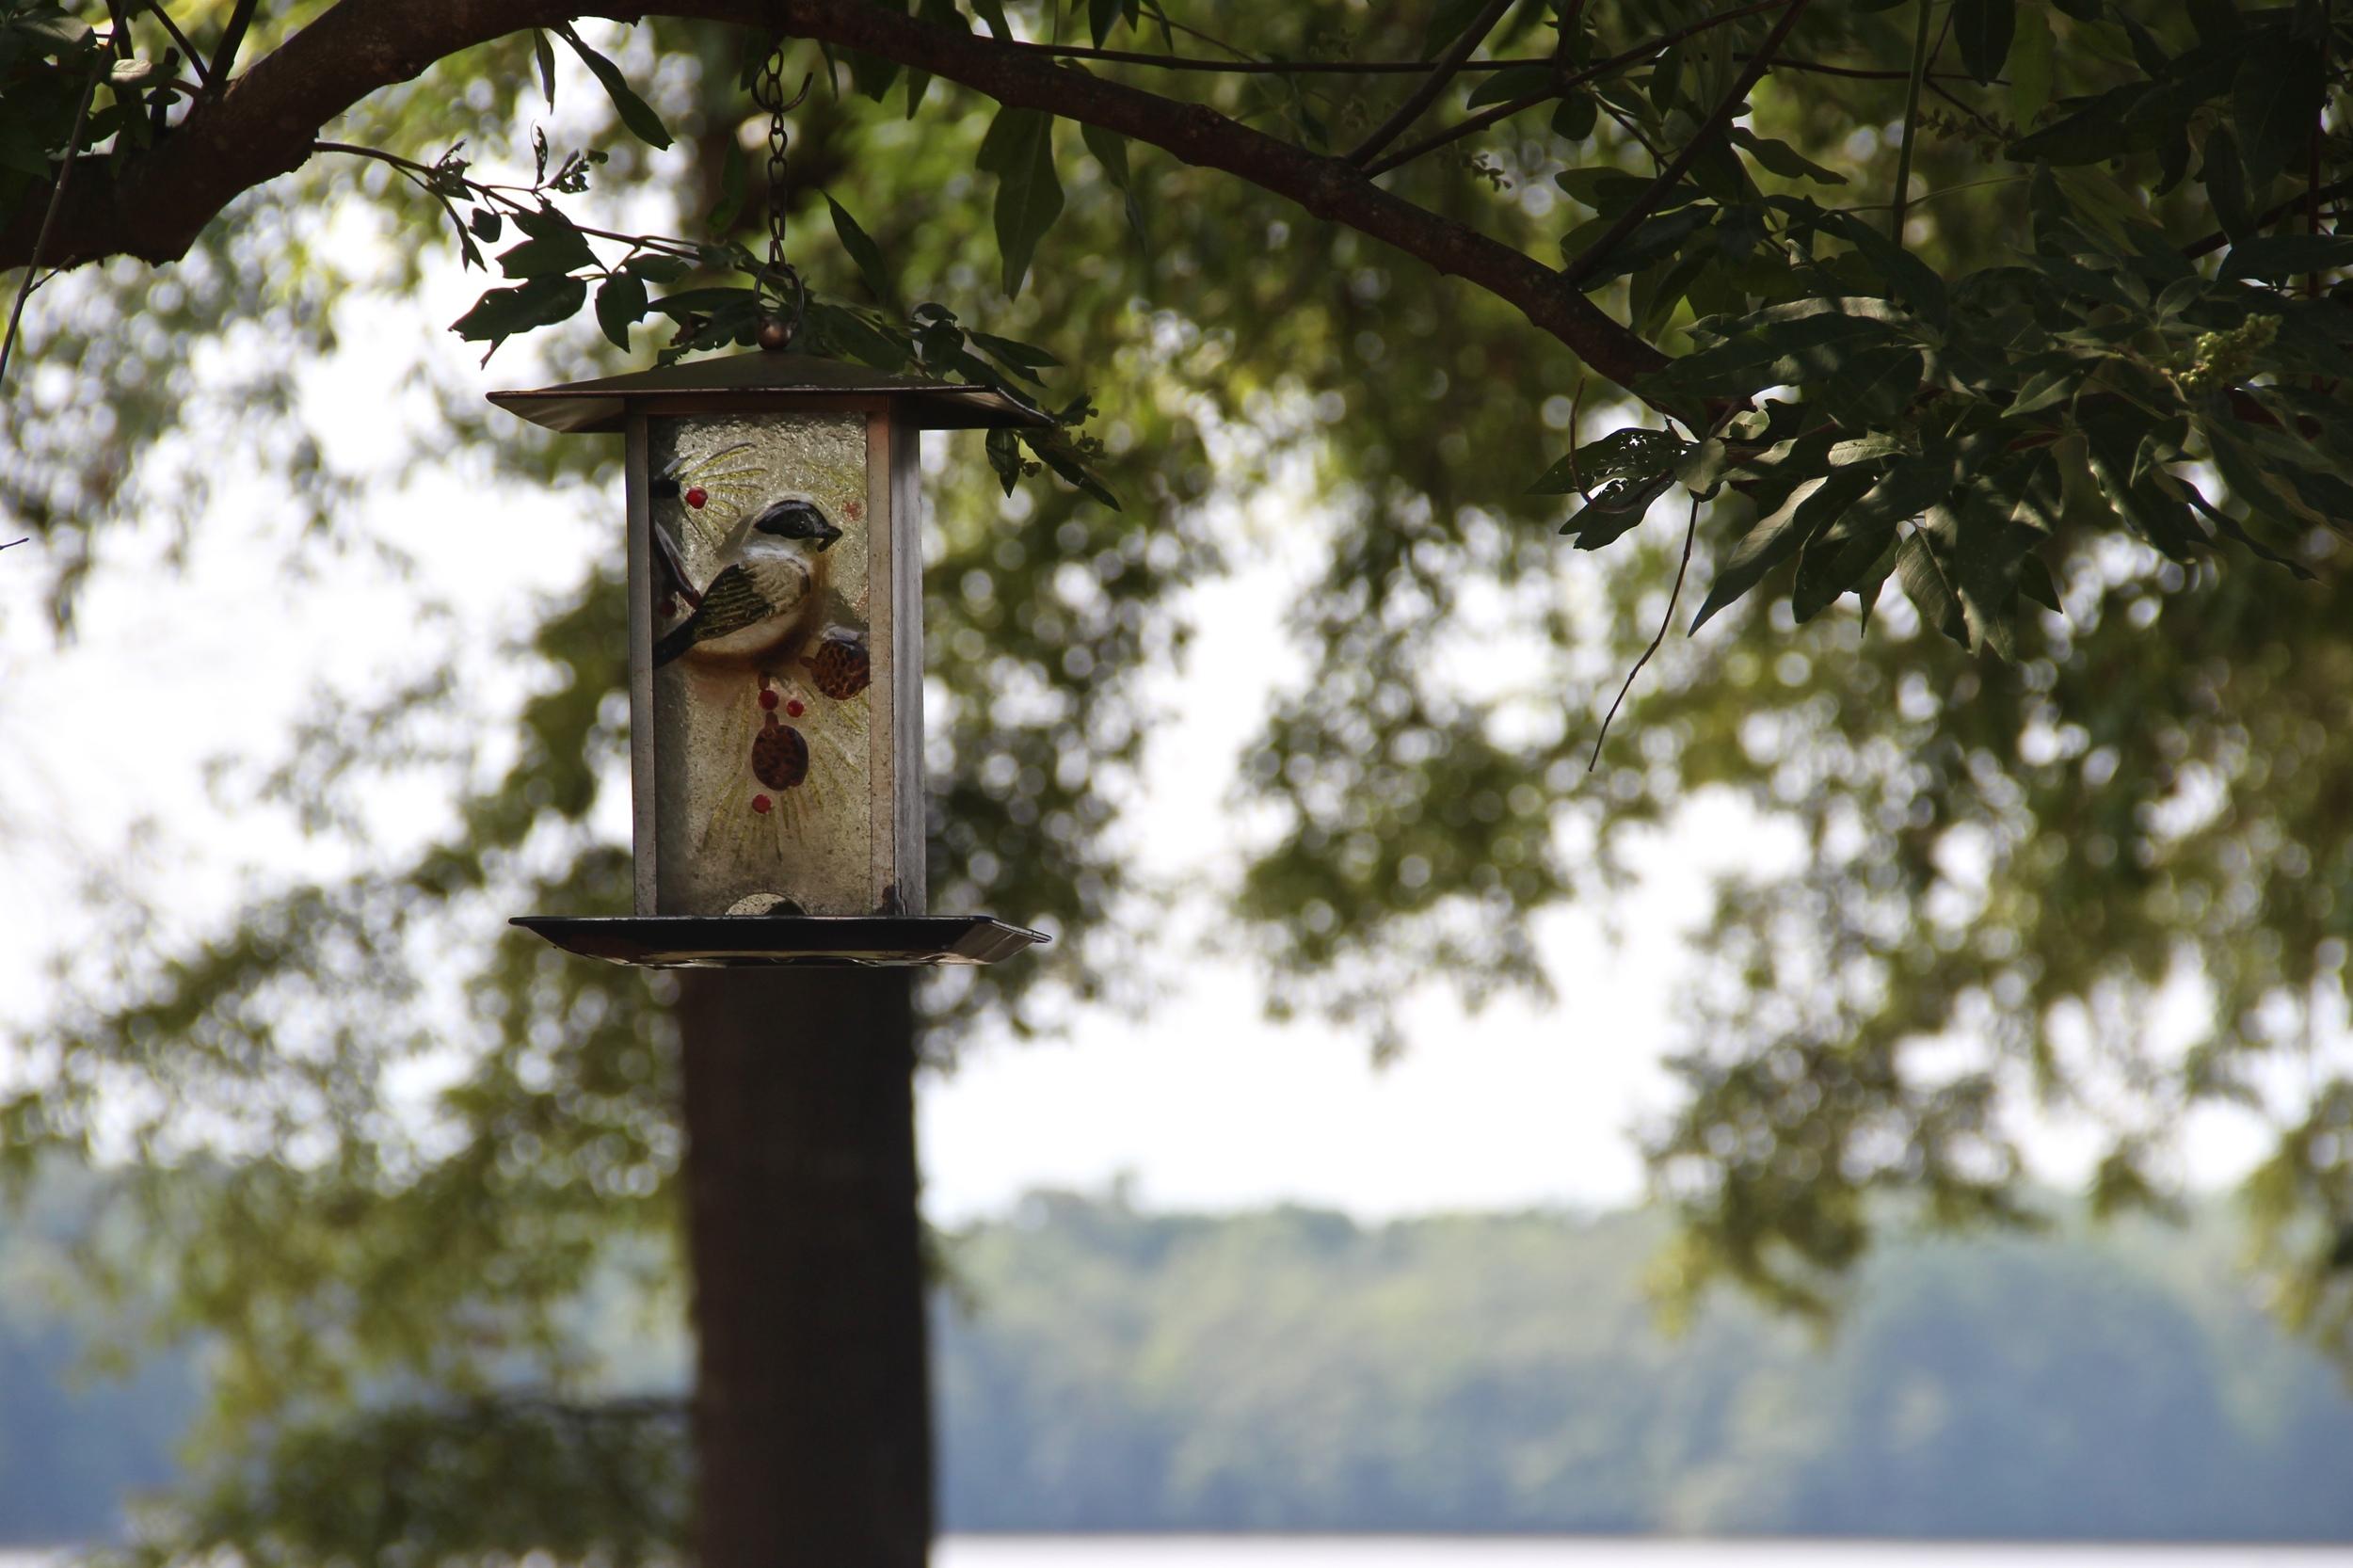 nature bird feeder